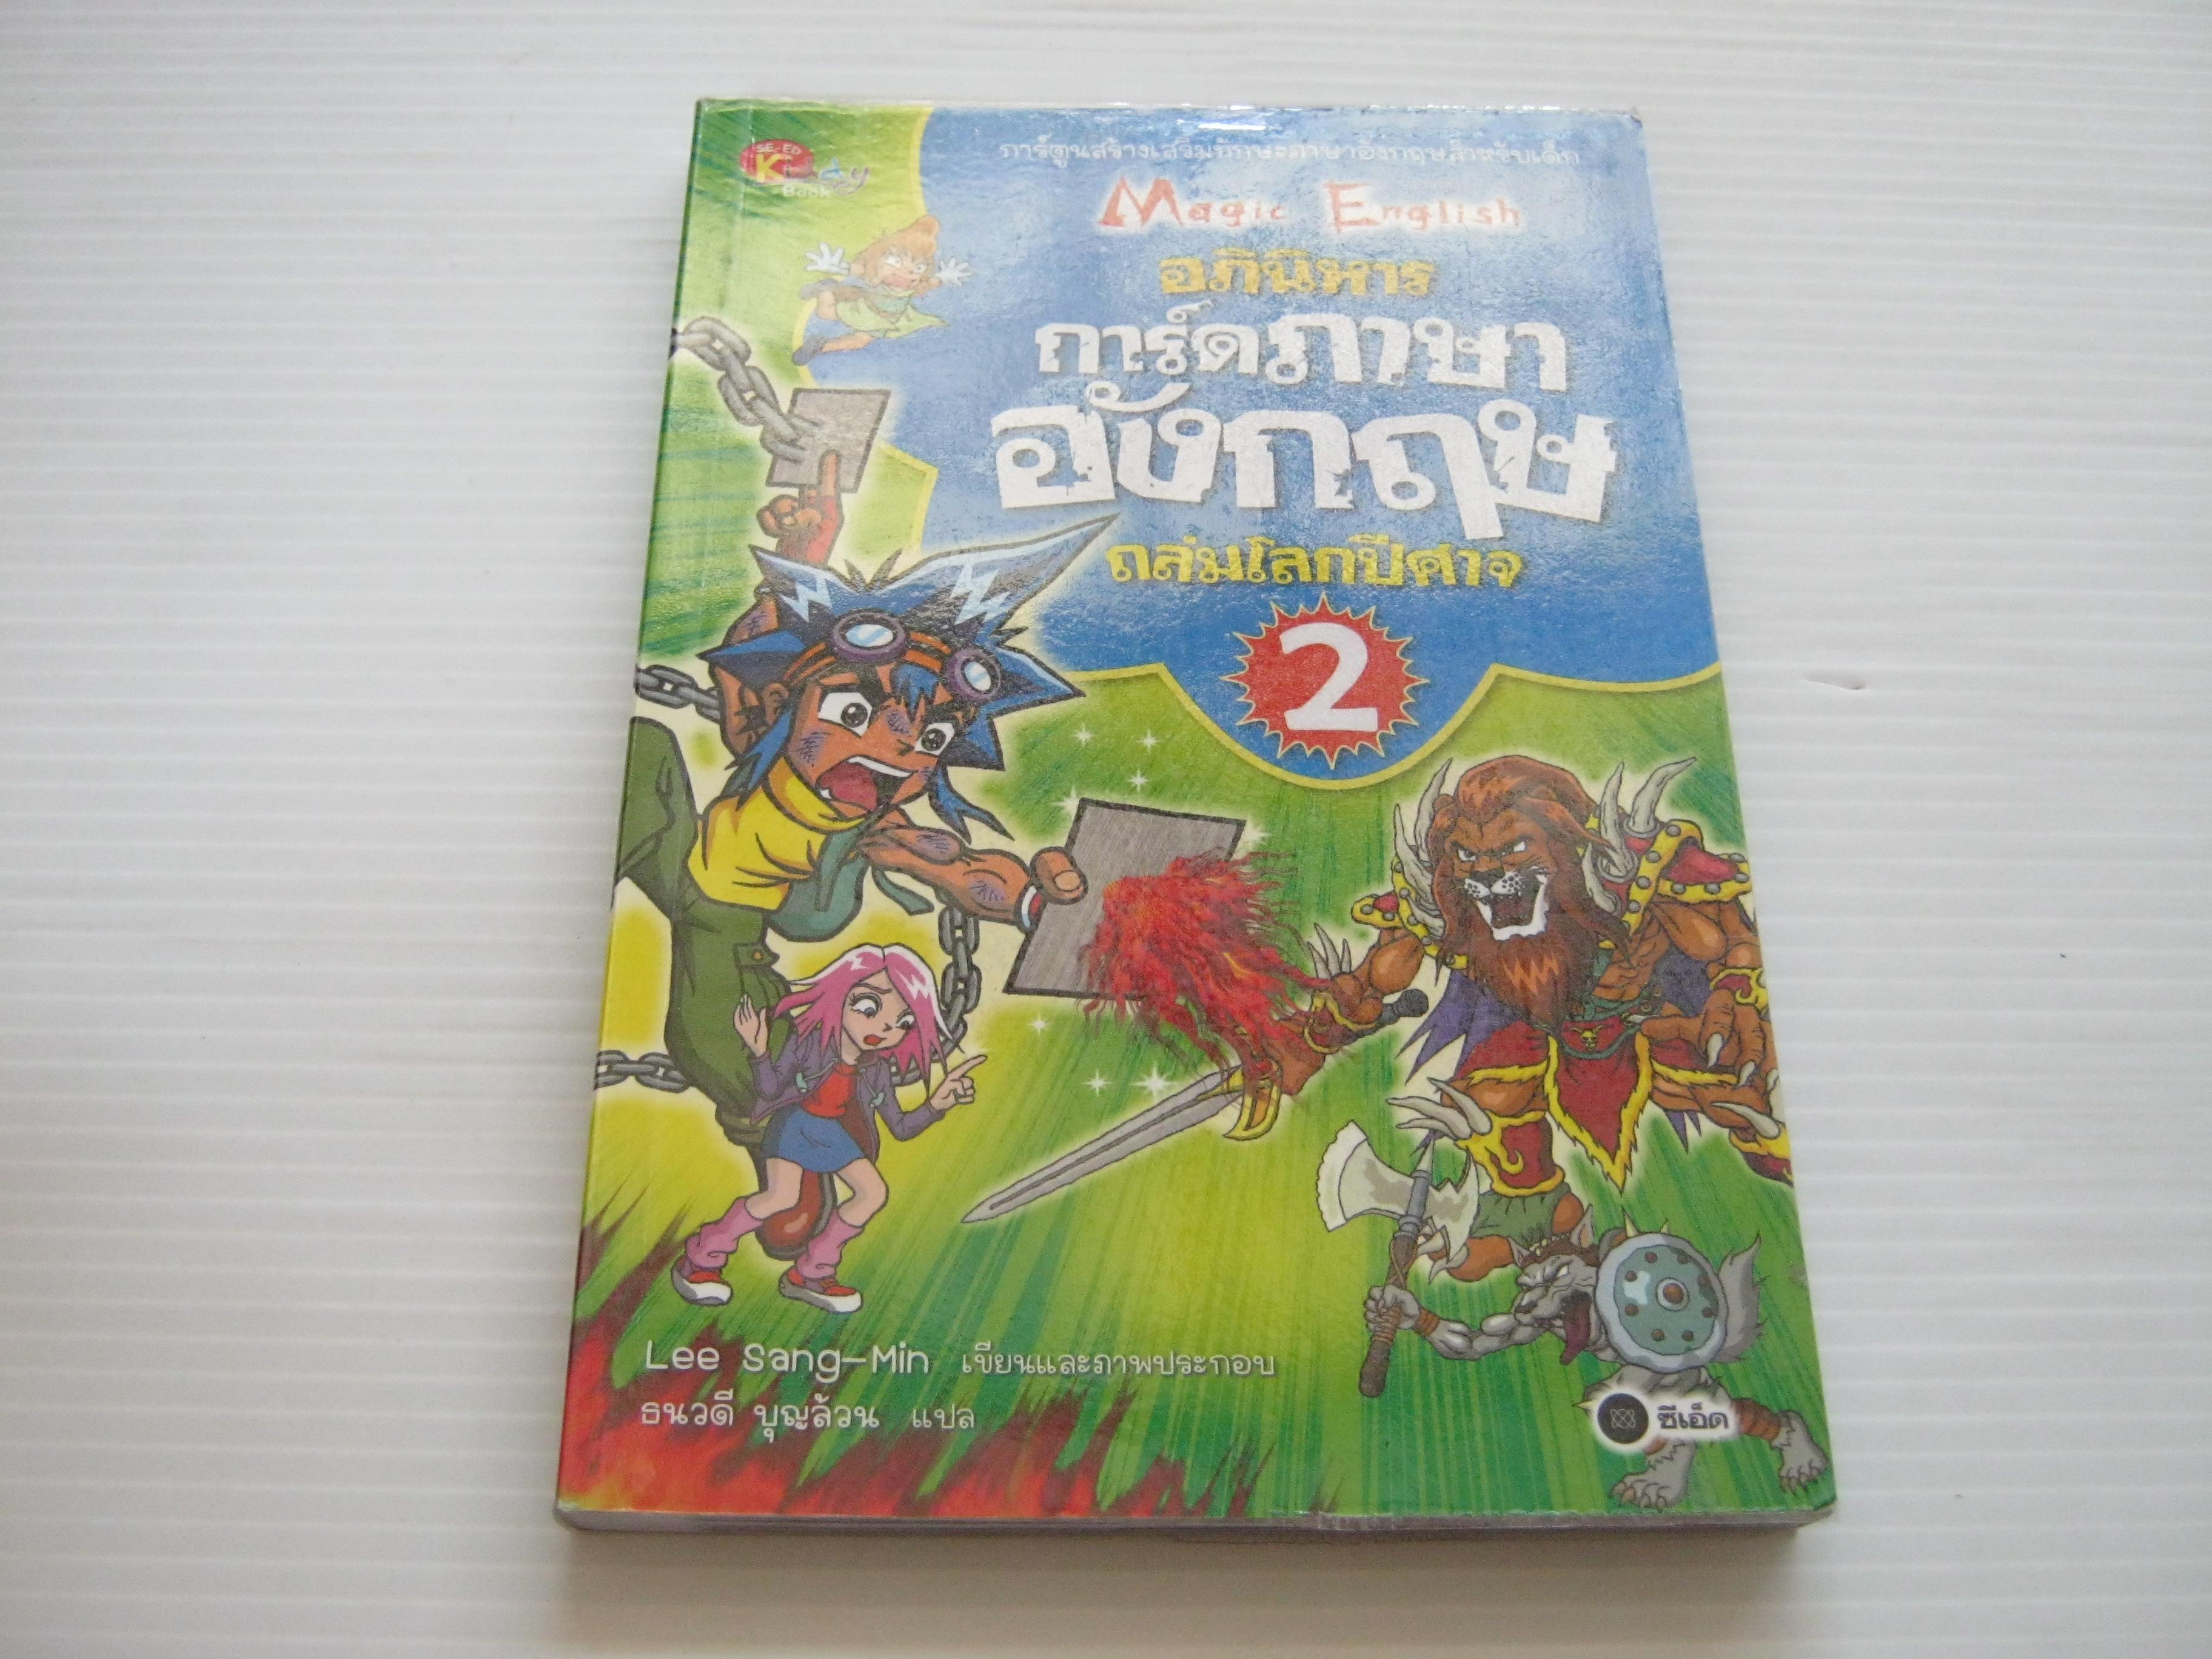 Magic English อภินิหารการ์ดภาษาอังกฤษถล่มโลกปีศาจ เล่ม 2 Lee Sang-Min เรื่องและภาพ ธนวดี บุญล้วน แปล